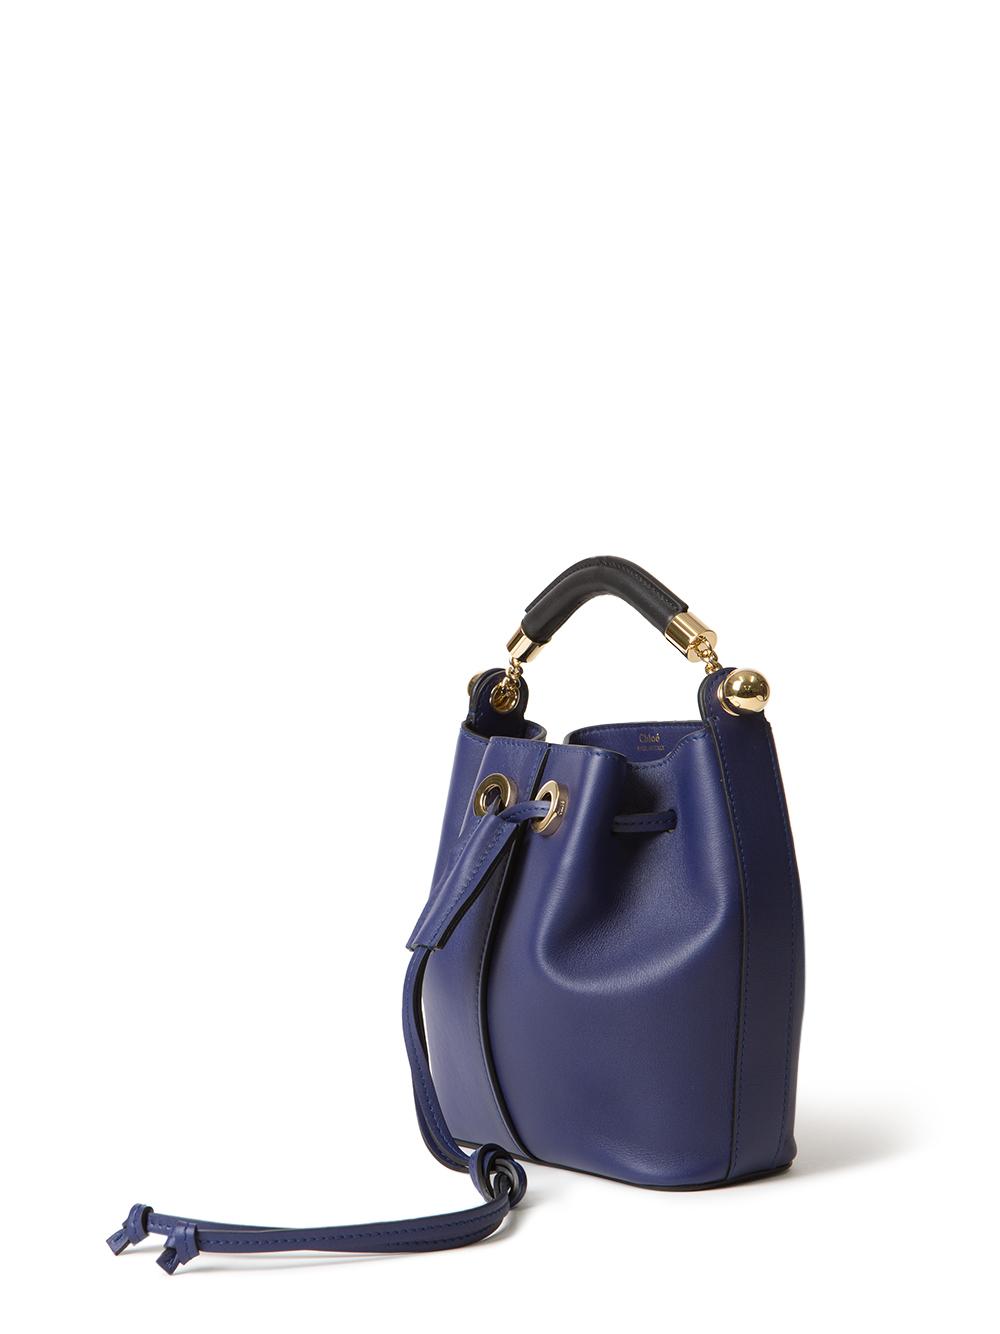 chloe marcie knockoff - small gala bucket bag in smooth calfskin